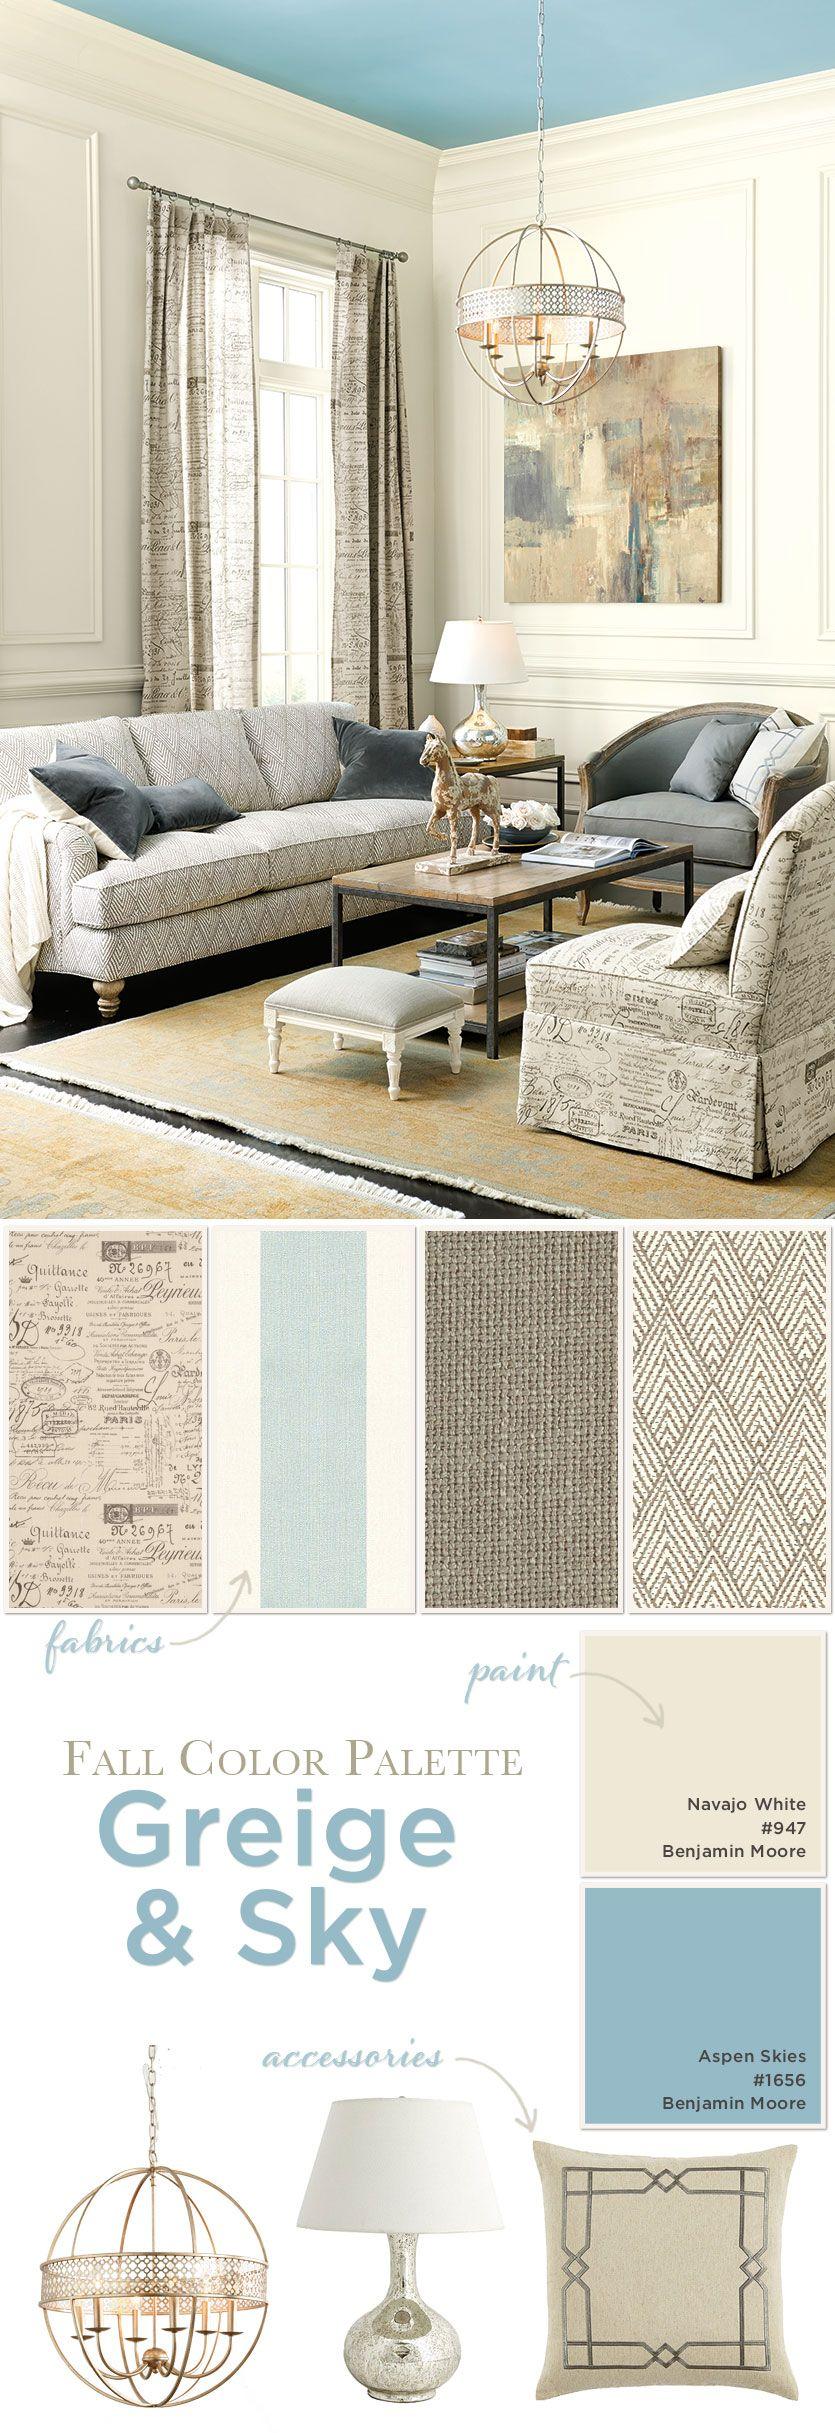 Summer Color Palette: Indigo & Spa   Pinterest   Living room colors ...